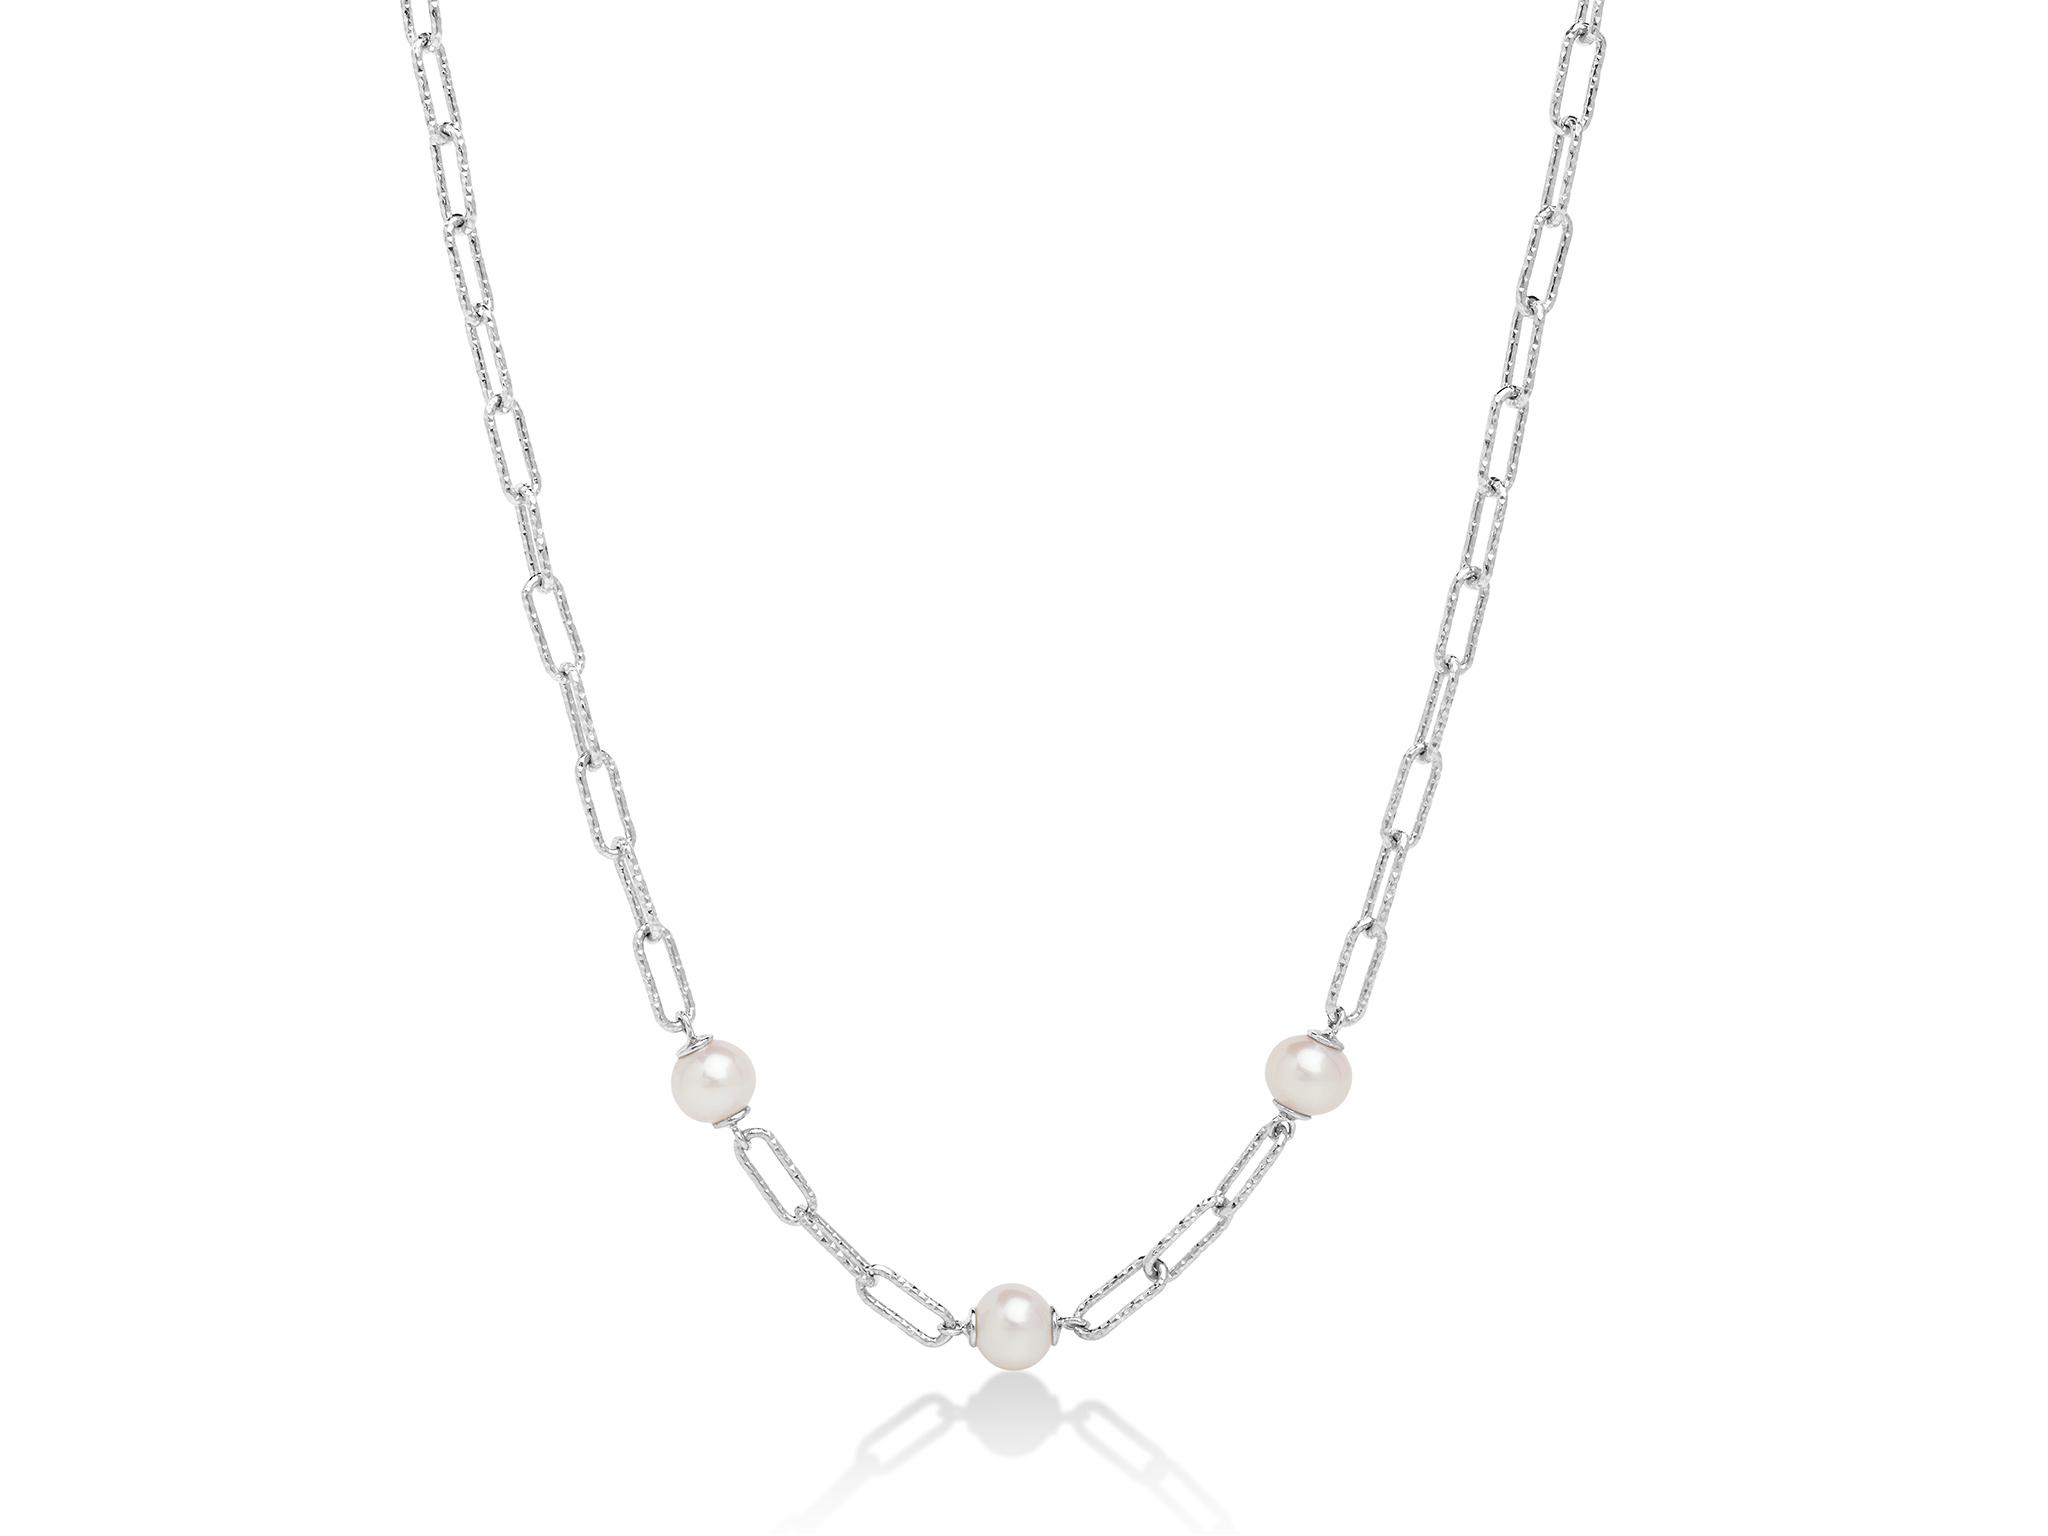 Collana con catena a maglia, in argento con tre perle. - PCL6065